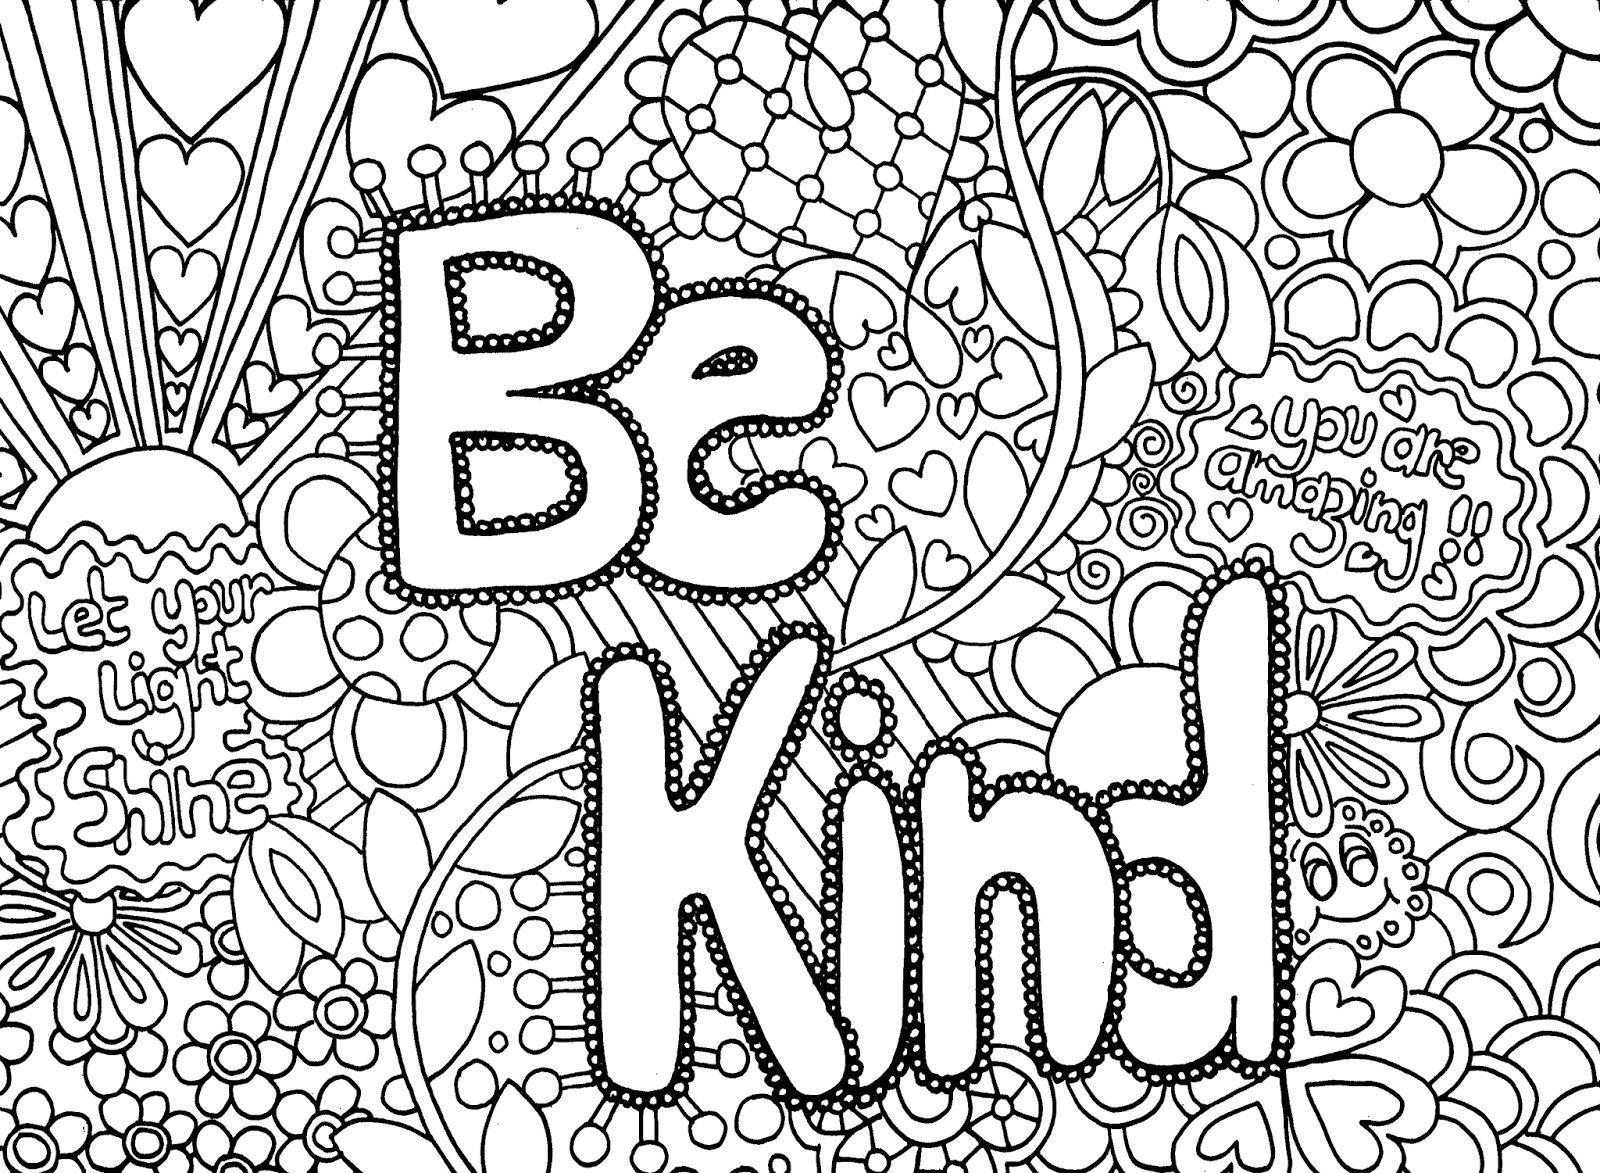 Be Kind And Let Your Light Shine Zendoodle Kleurplaten Voor Volwassenen Kleurplaten